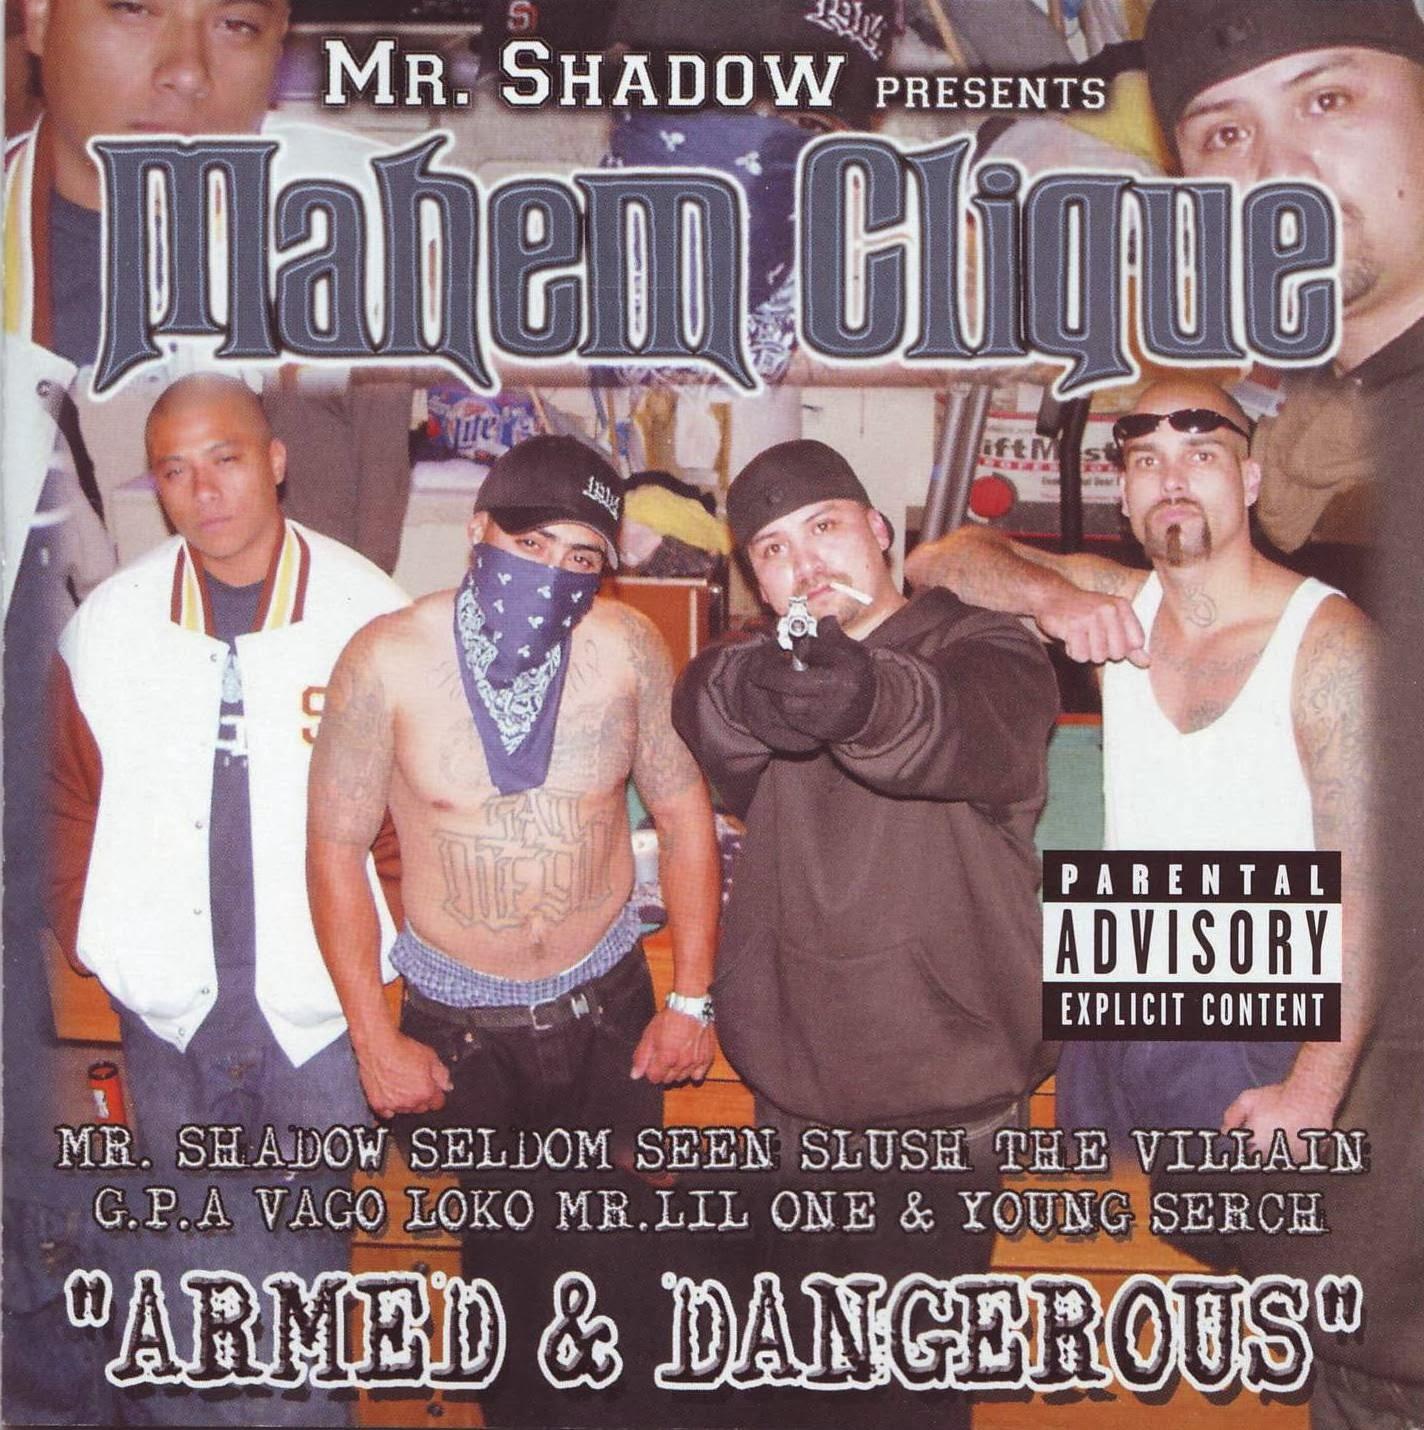 http://1.bp.blogspot.com/-_v7bzPDktcU/Ulj6E1jRbZI/AAAAAAAAAM4/z-vtYlUx-FY/s1600/Mr._Shadow_Presents_-_+Mahem_Clique_(Armed_&_Dangerous)_-_Front.jpg